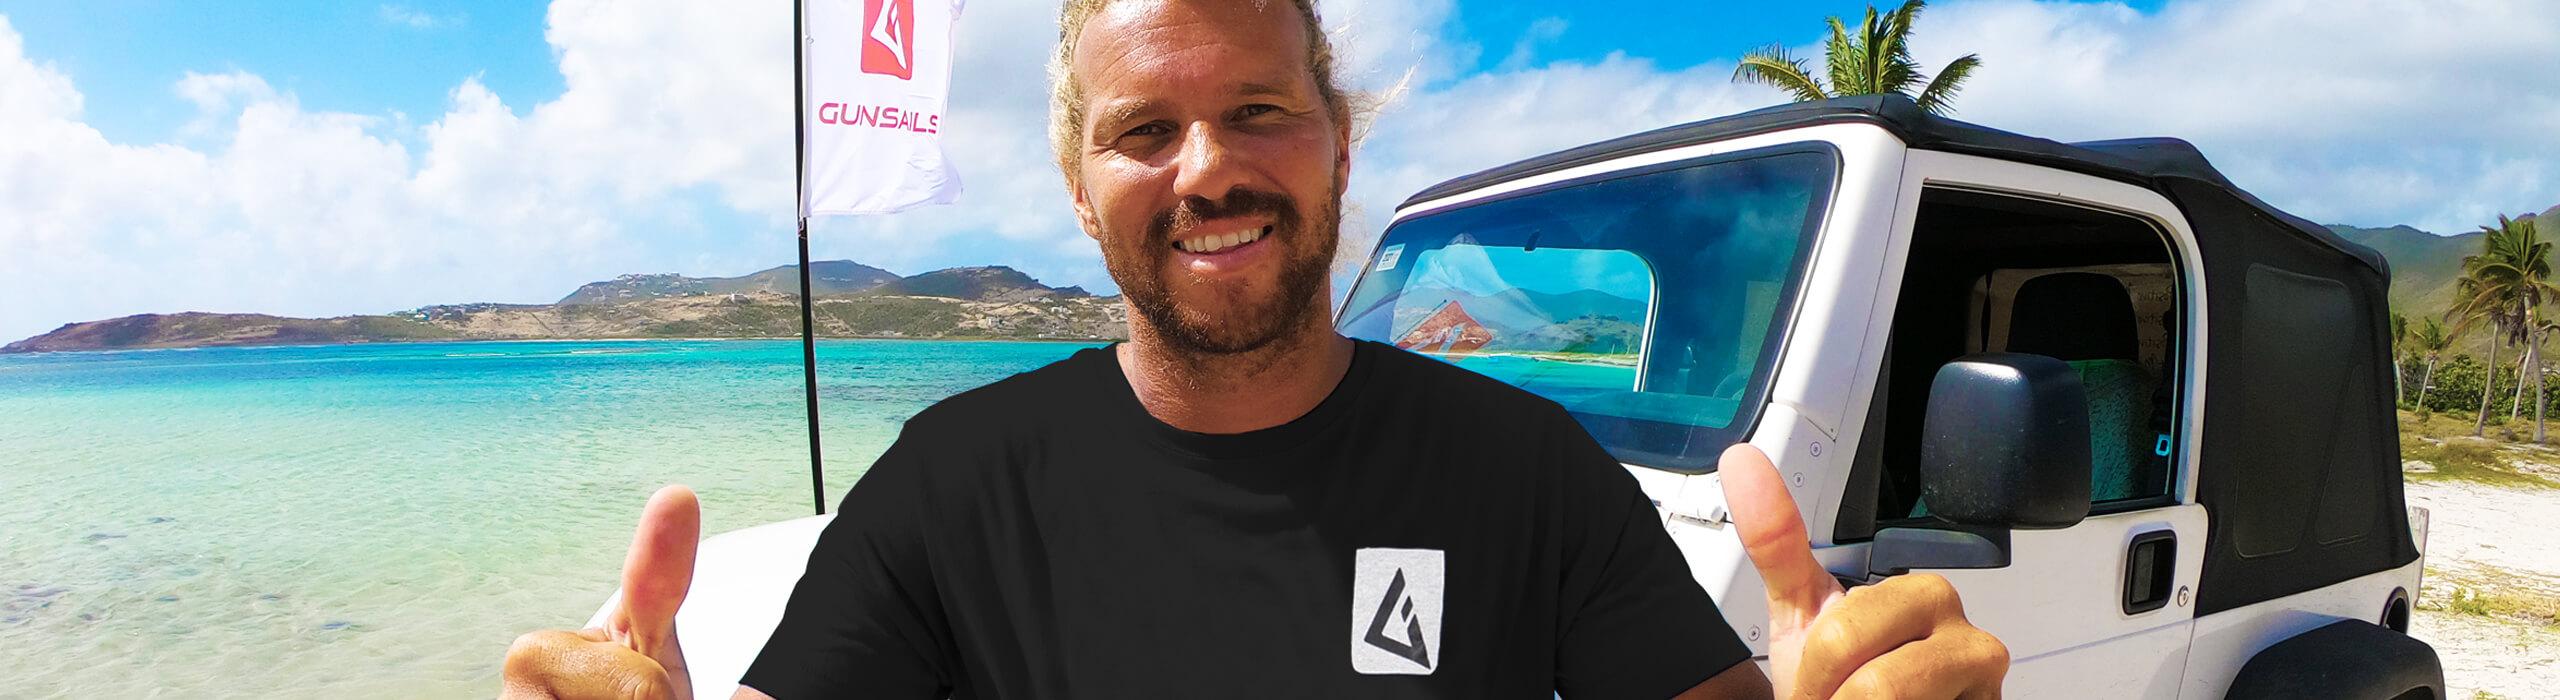 GUNSAILS | Julien Quentel - PWA Worldtour Rider, Slalom and Foil Windsurfing, Waveriding